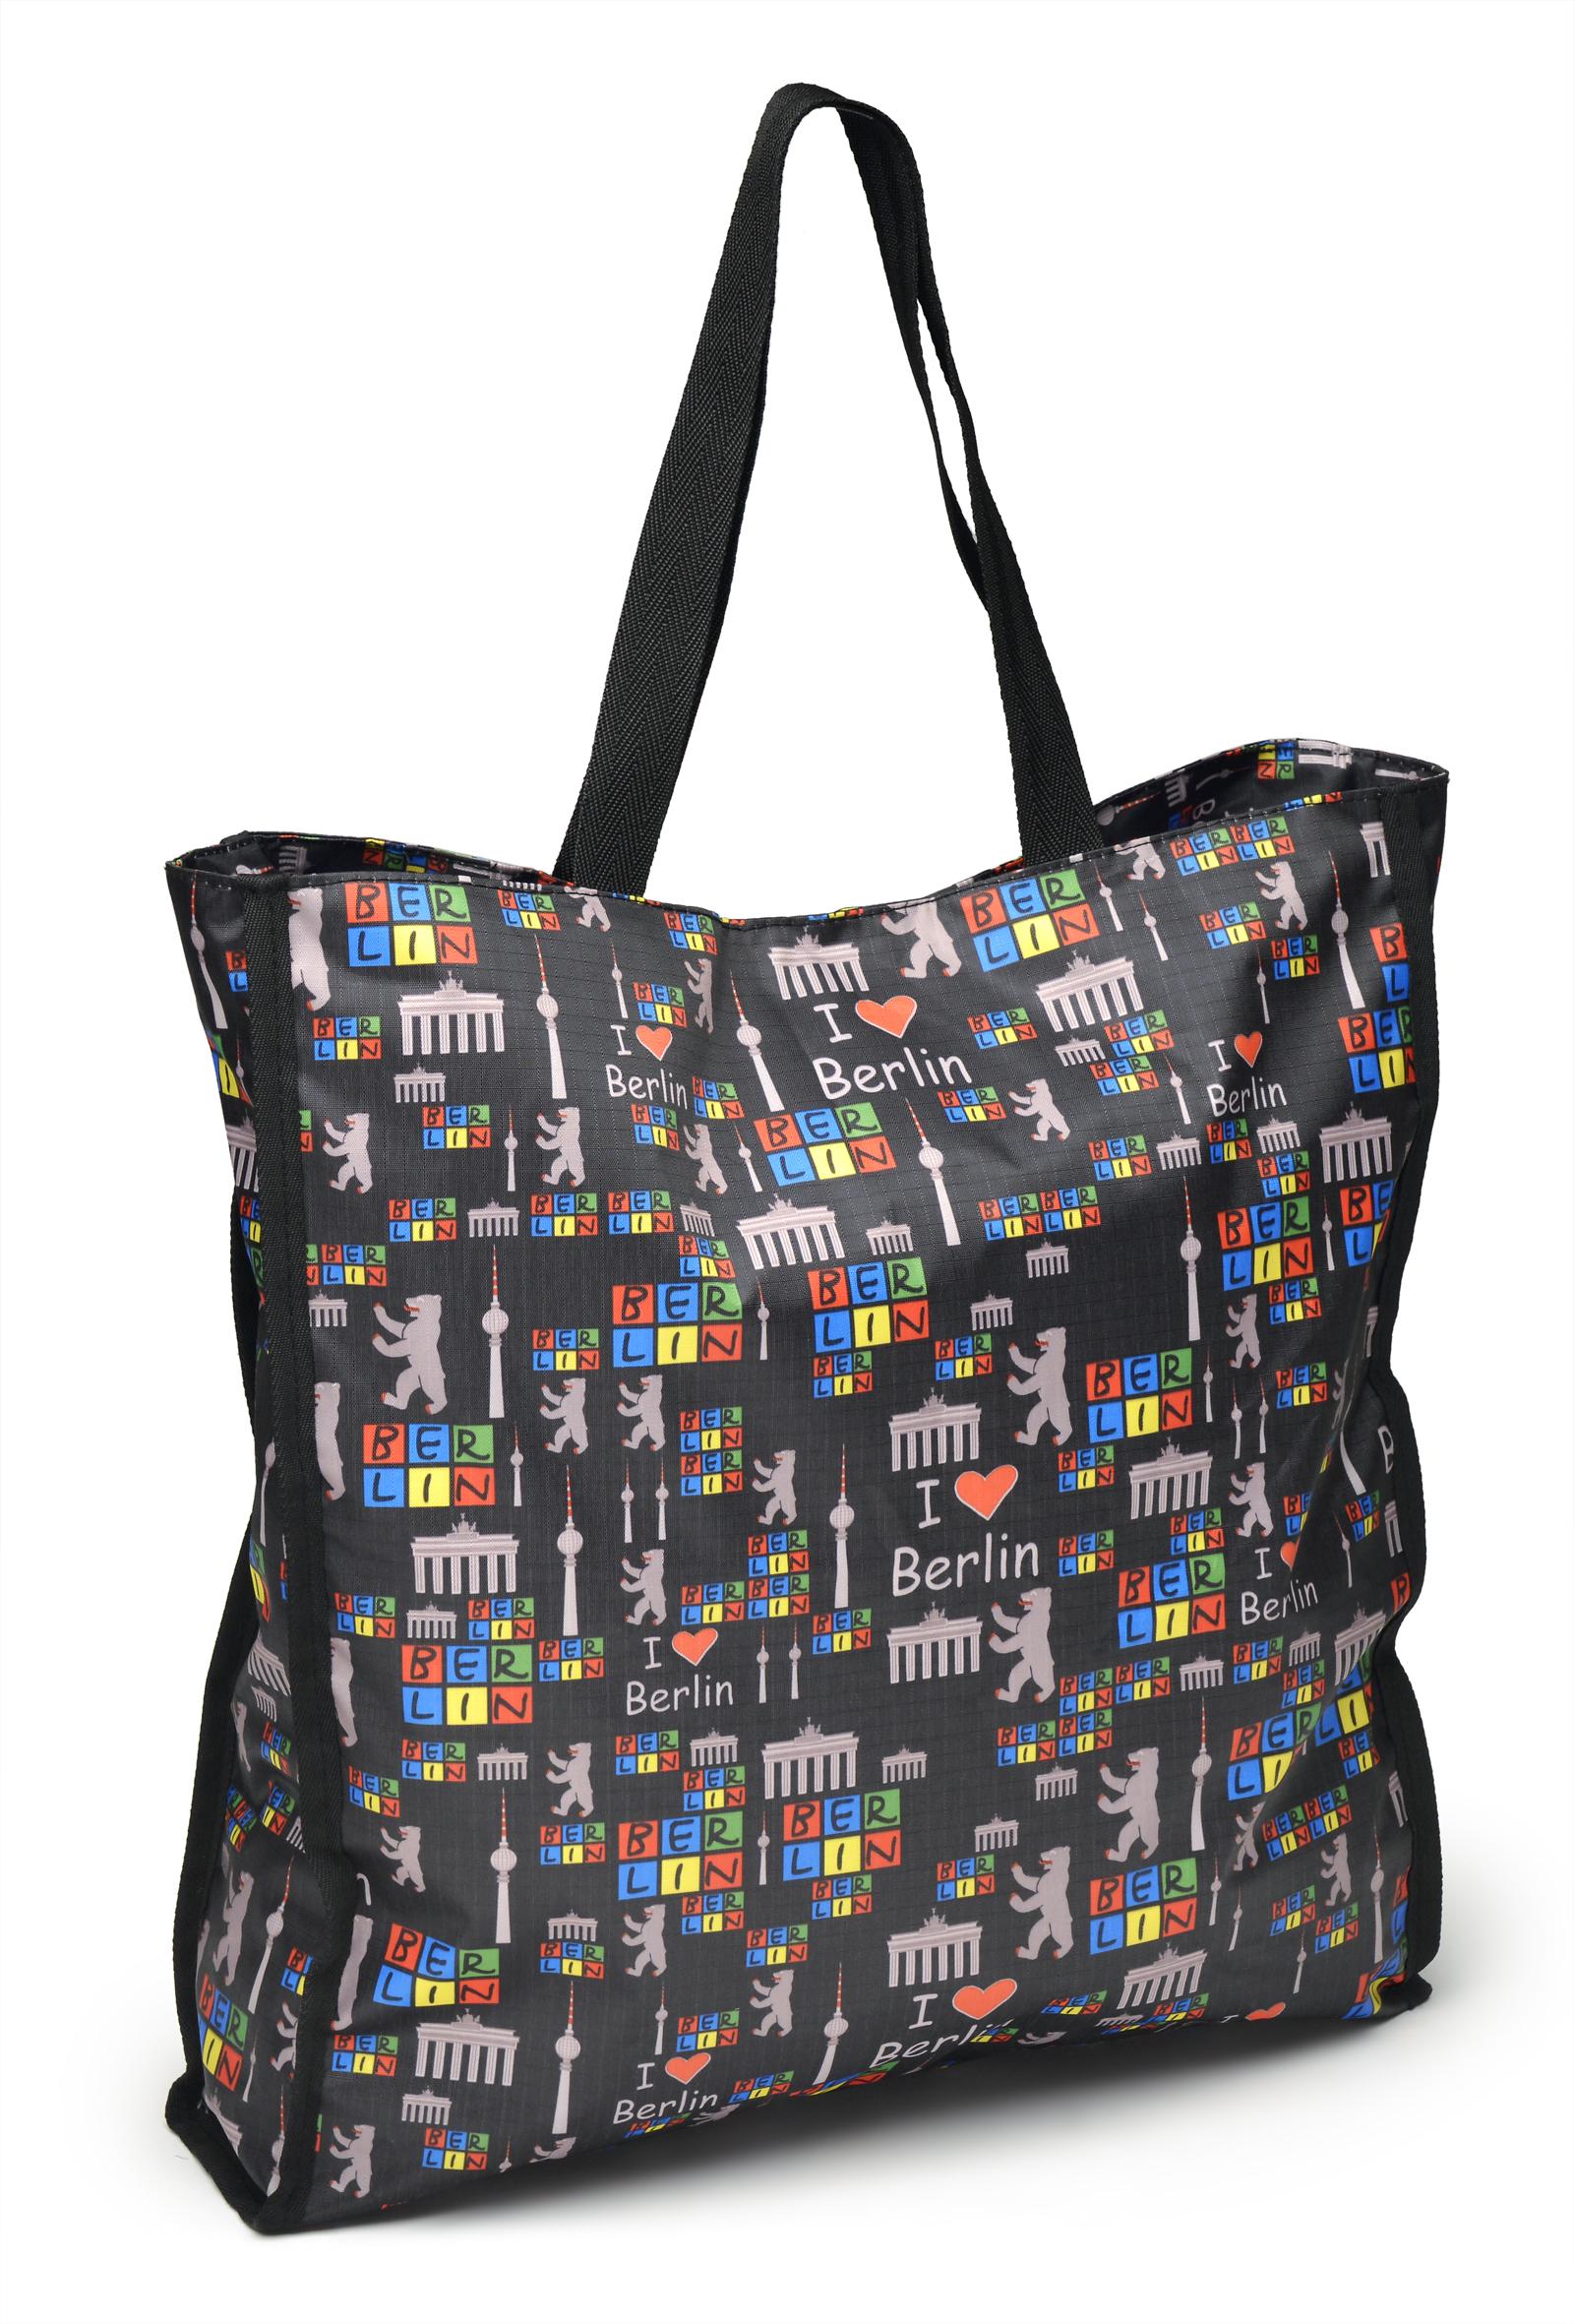 Shoppingbag BERLIN All Over